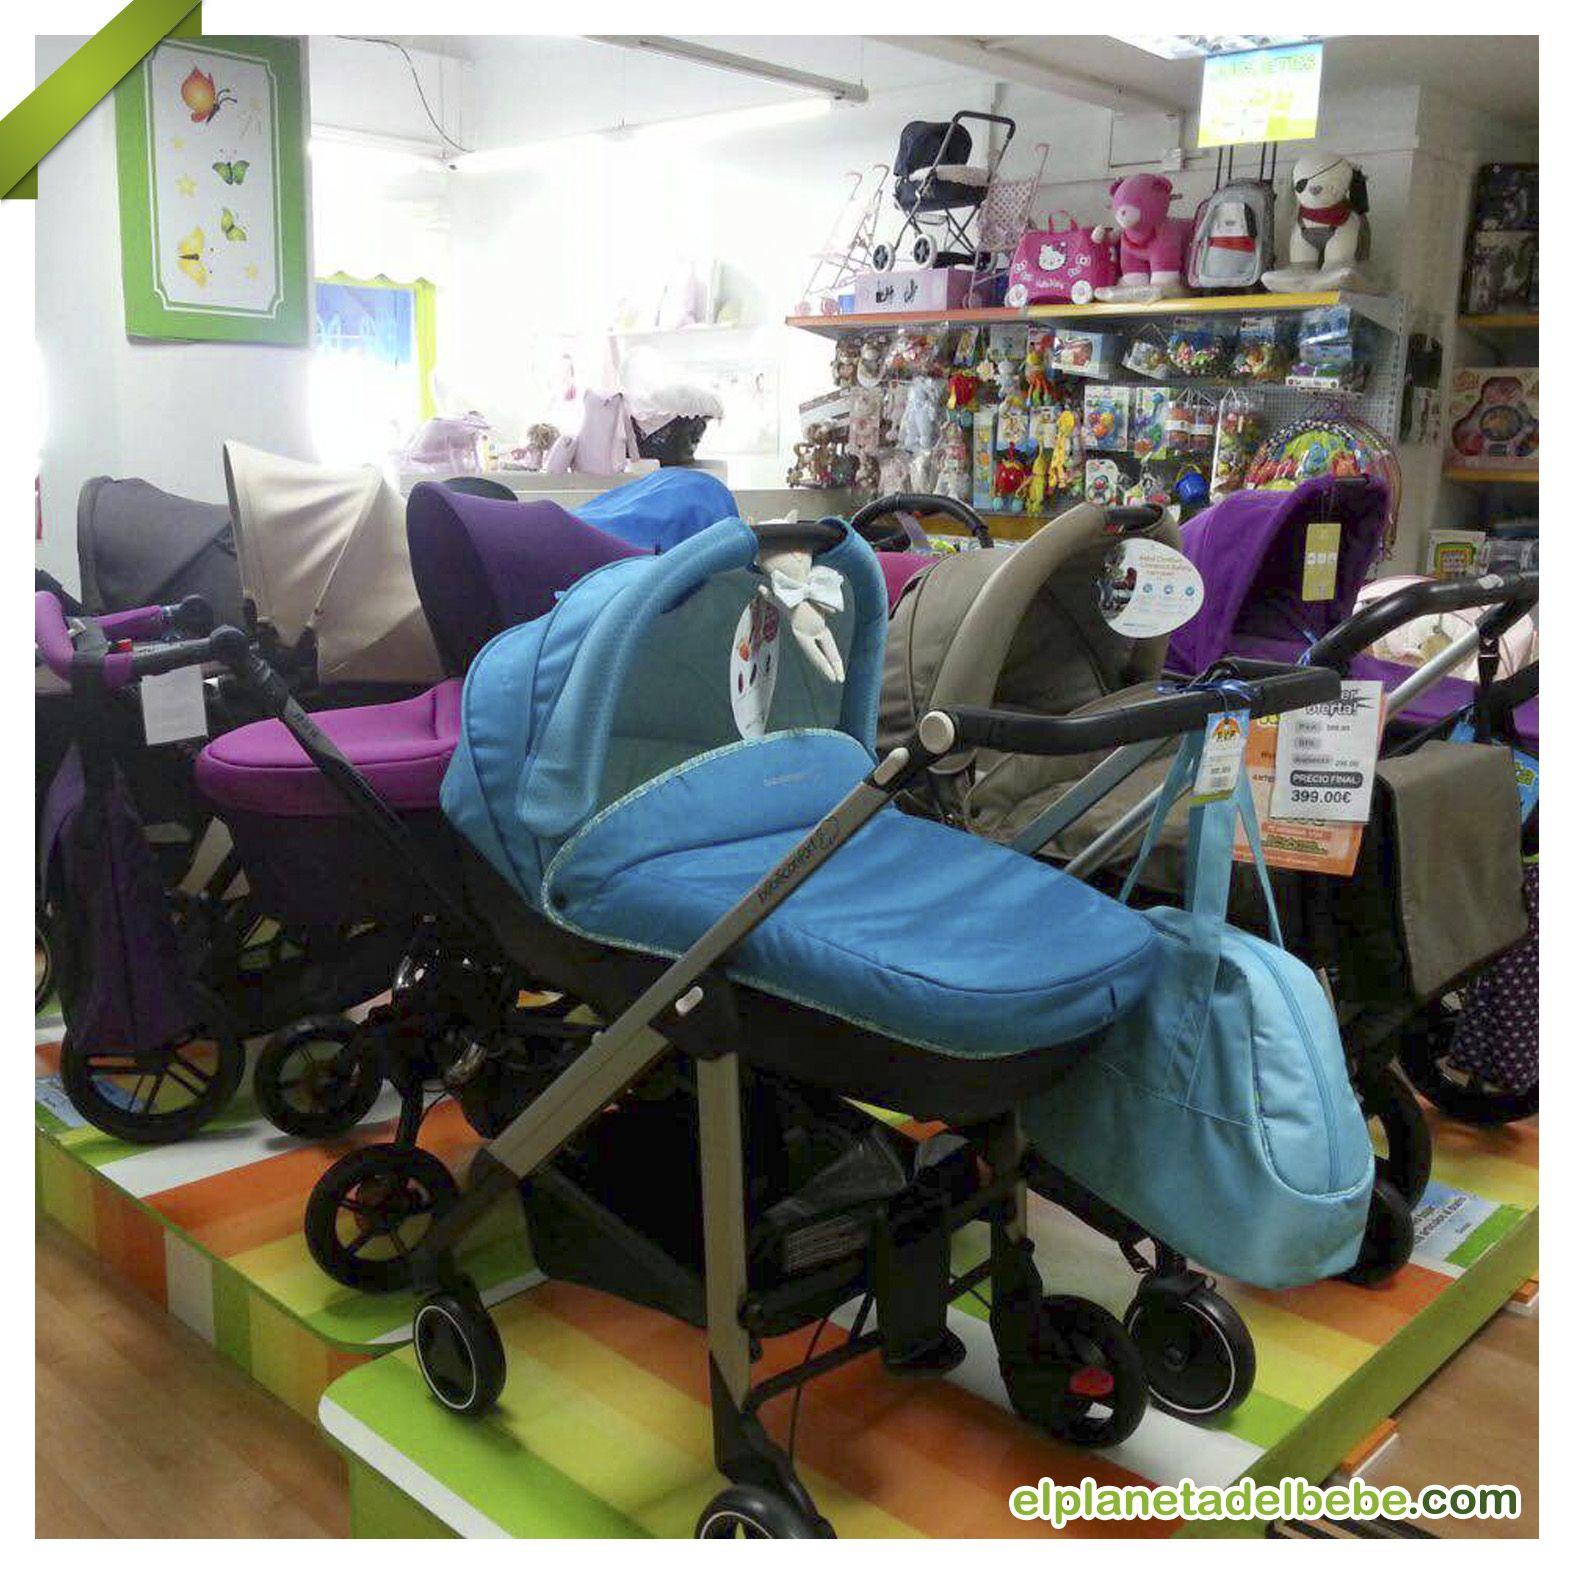 d47a23f01 Tienda El Planeta del Bebé de  Málaga C Blas de Lezo 29.  bebés   sillasdepaseo  cosasdebebes  tiendadebebes